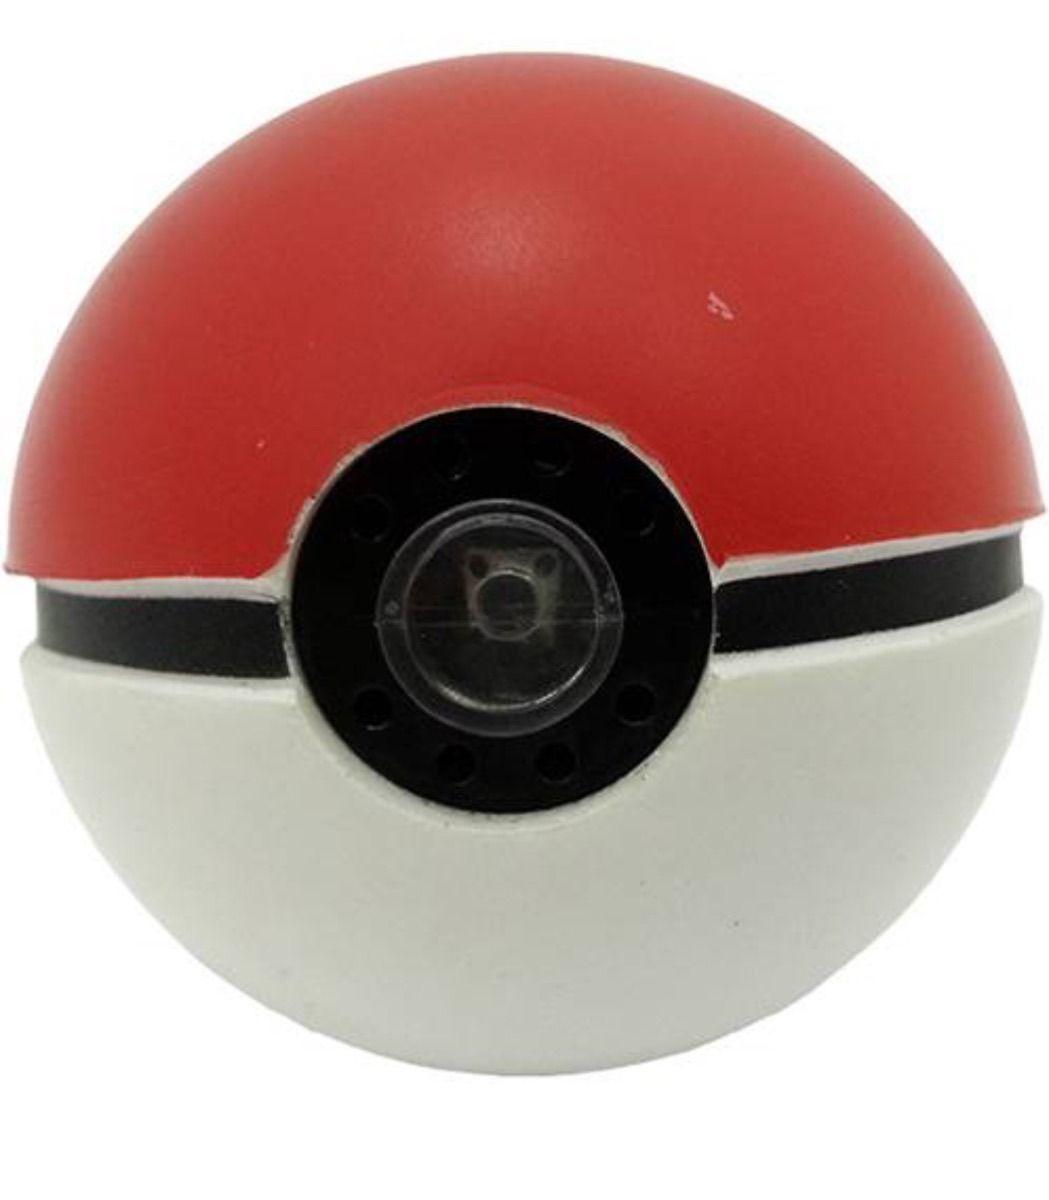 Pokémon - Pokebola + Pikachu -  Com som e luz Tomy   - Doce Diversão